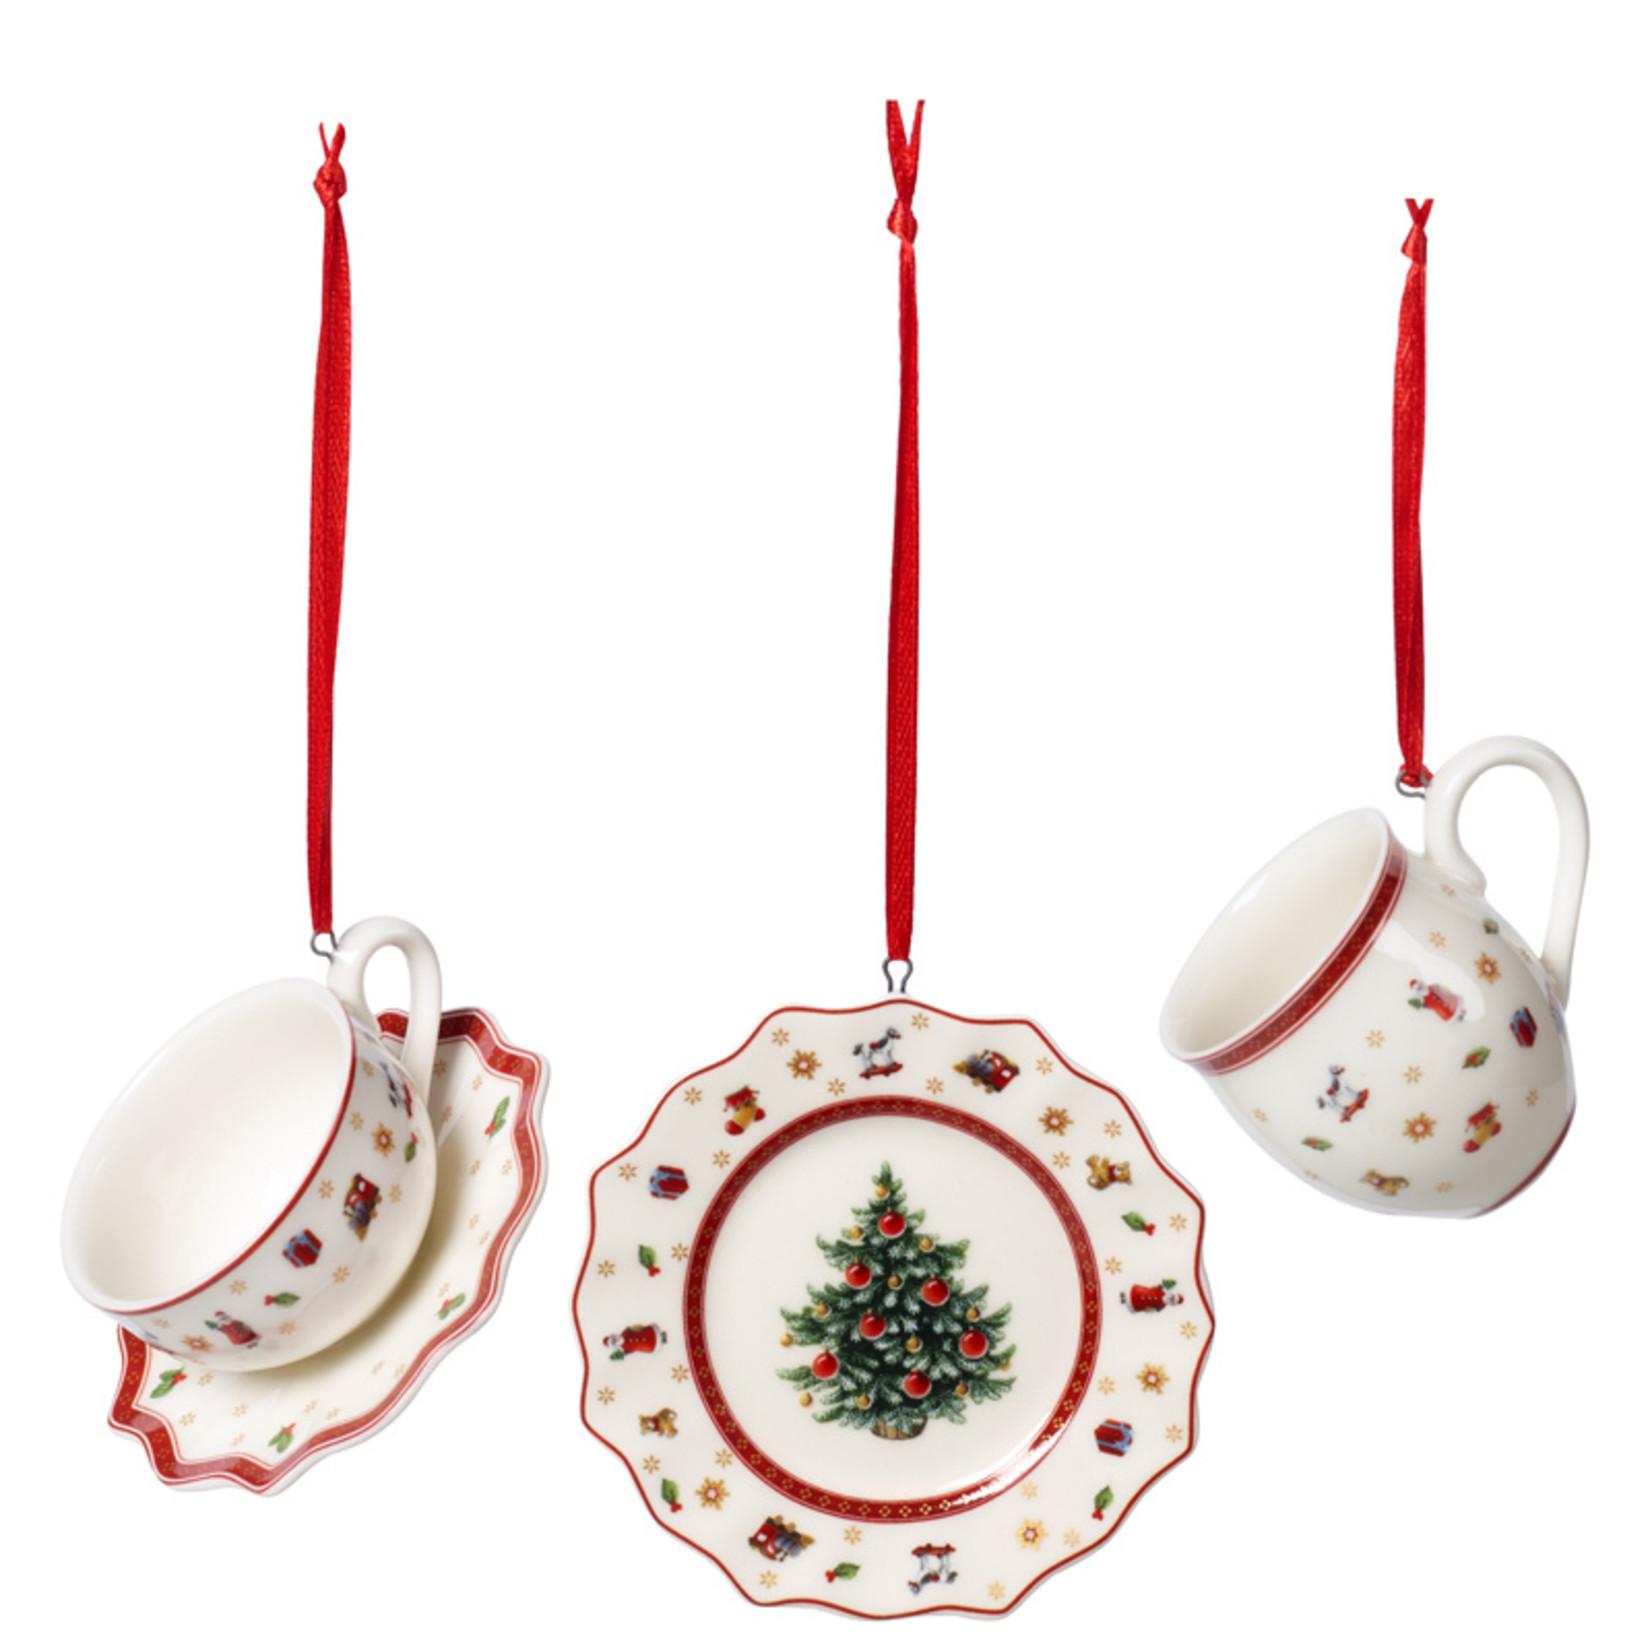 Villeroy & Boch  Hänger Set Geschirr | Villeroy & Boch Toy's Delight Decoration